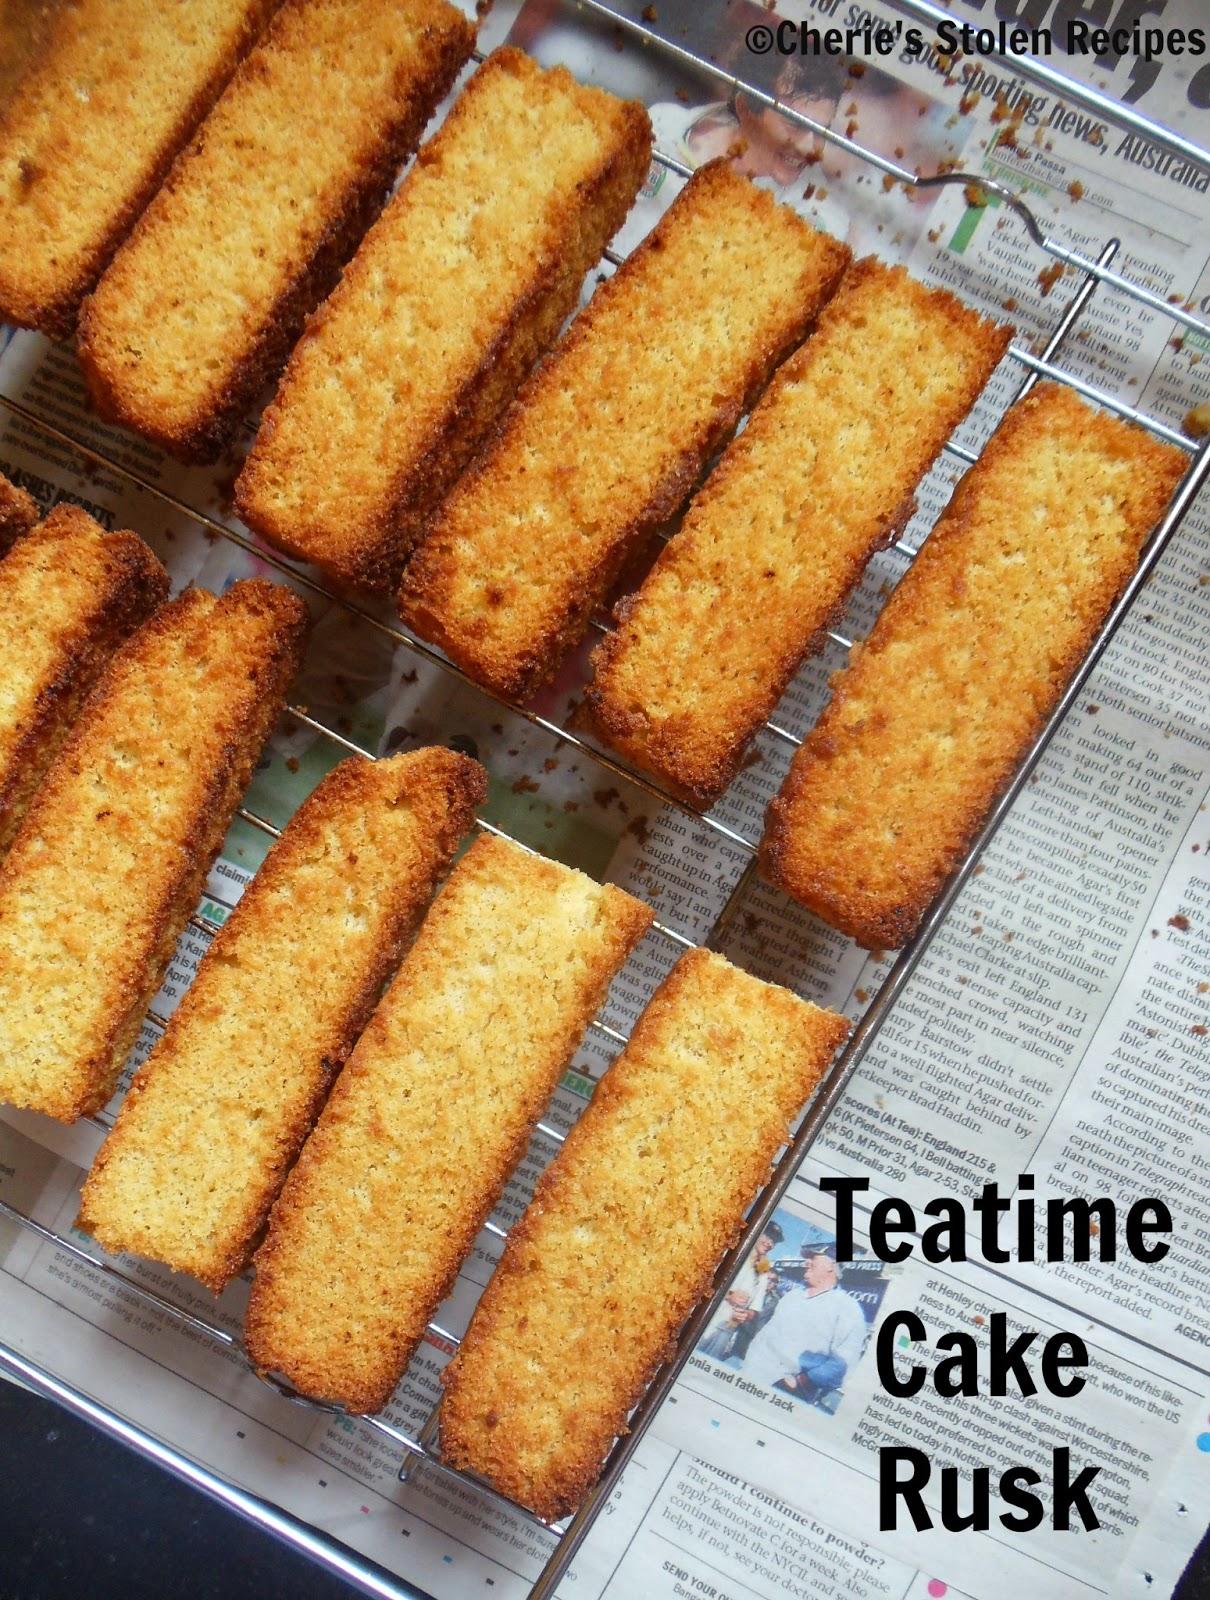 Cherie S Stolen Recipes Teatime Cake Rusk